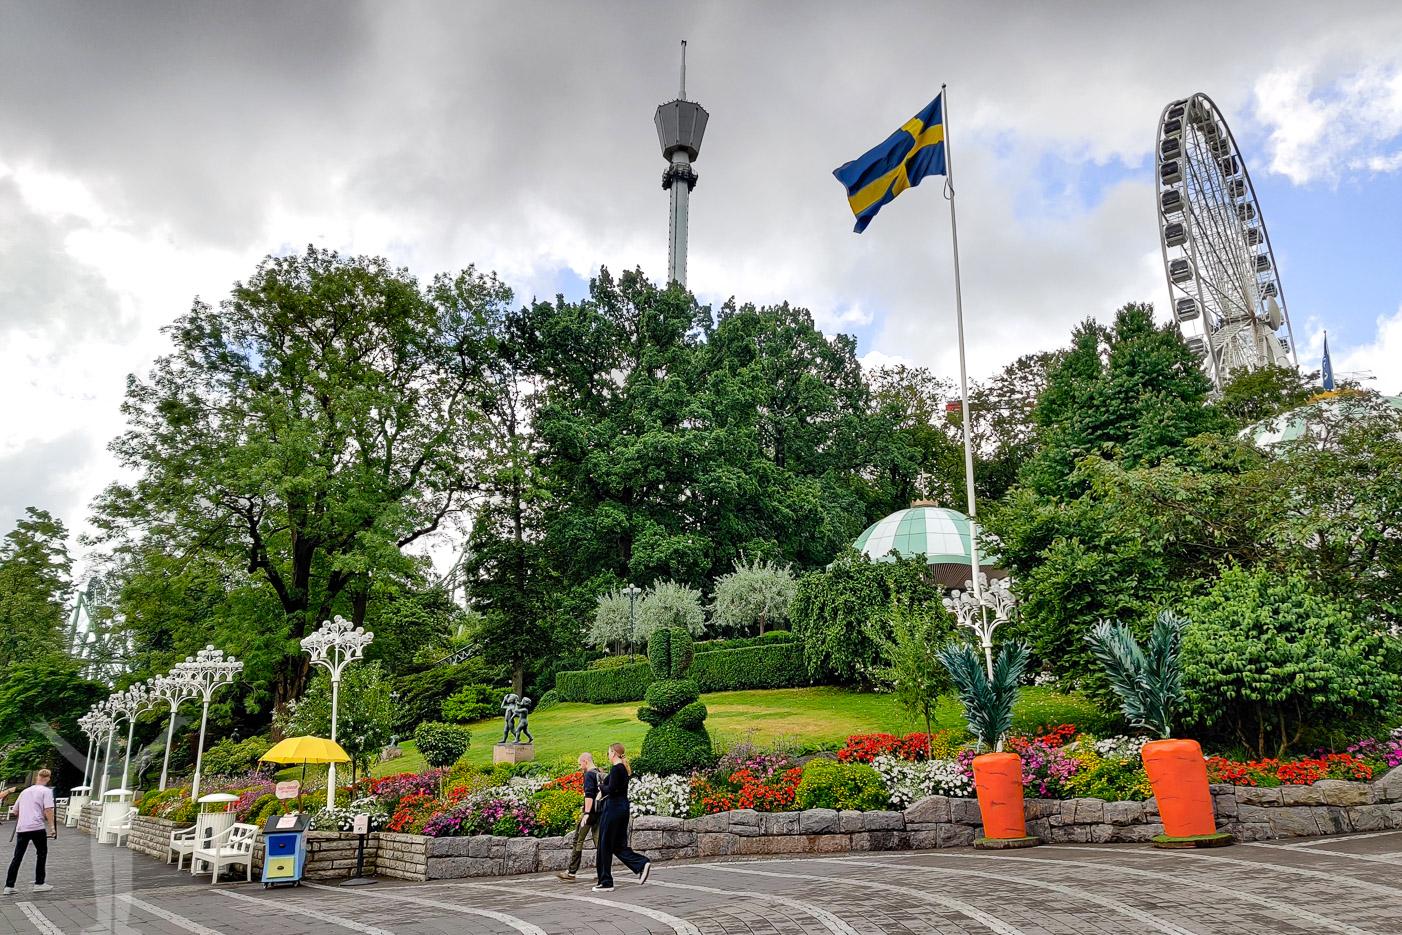 Sveriges bästa nöjespark